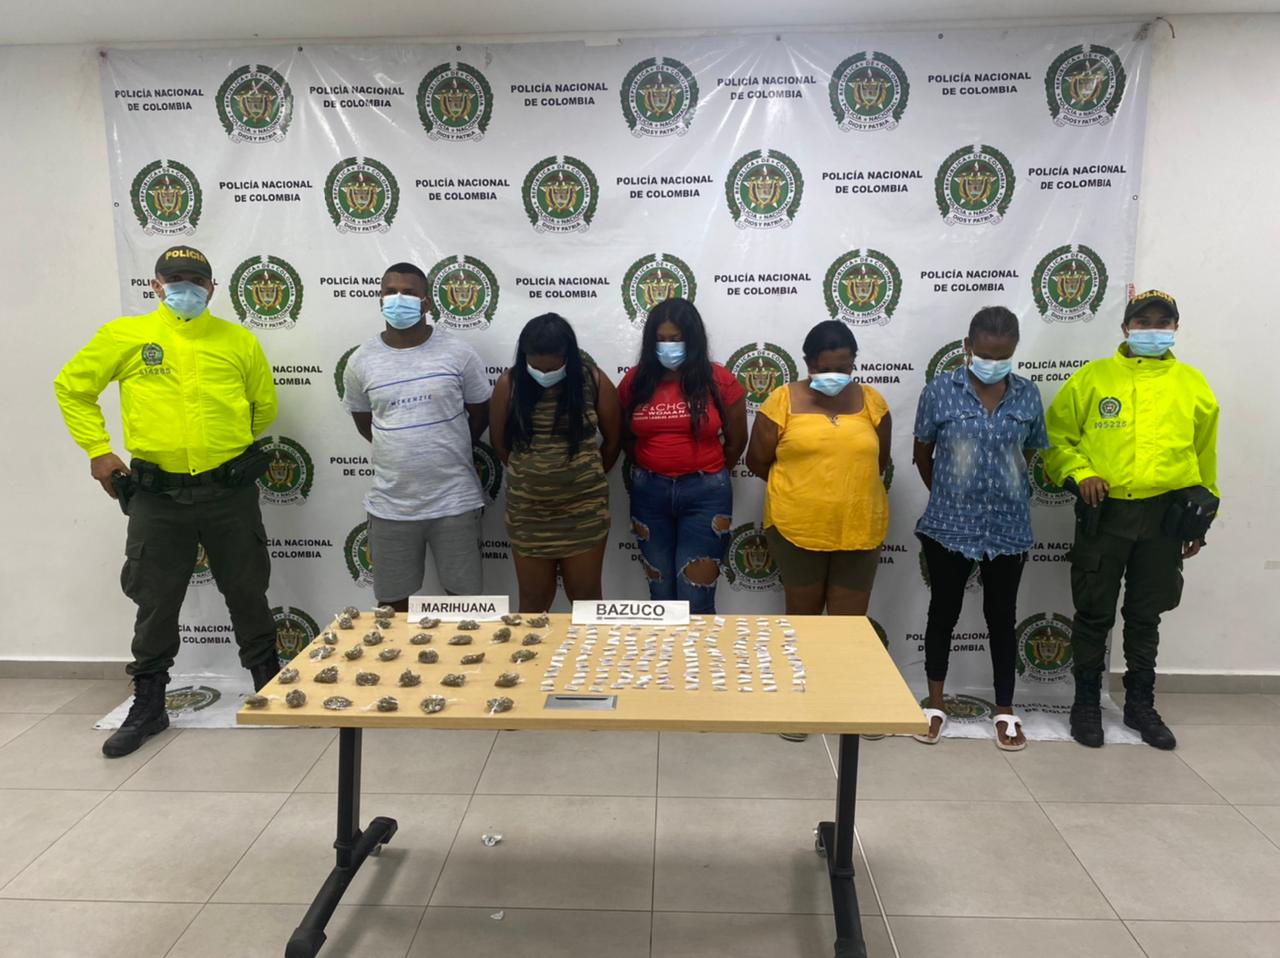 Por tráfico de estupefacientes, privados de la libertad 5 presuntos integrantes de la banda delictiva Los Brothers - Noticias de Colombia